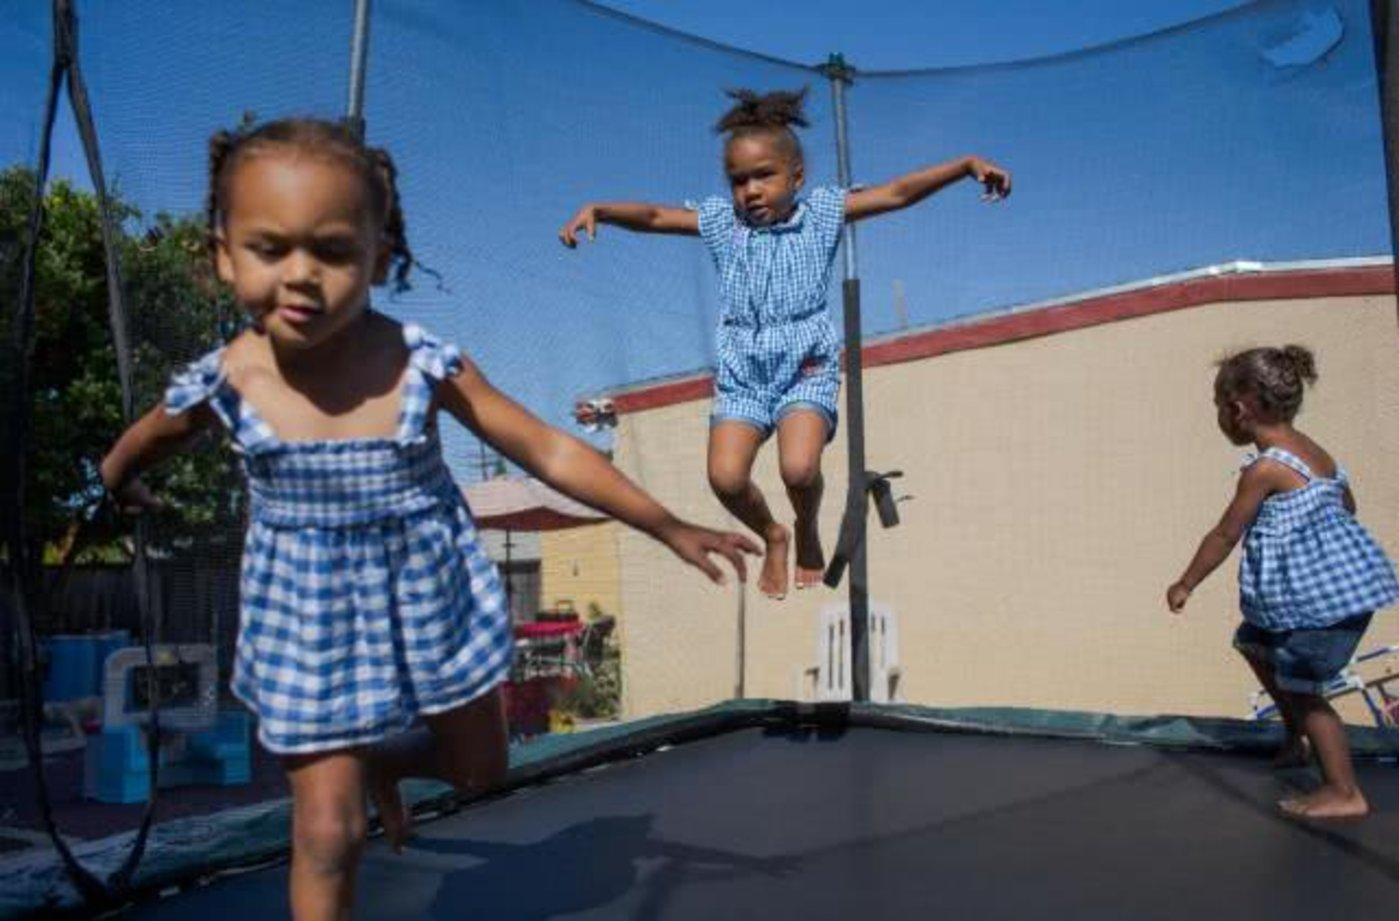 阿莫·雷·斯坦利(Armore'Ray Stanley,中)和她的侄女们在东帕洛阿尔托的后院玩耍。自从斯坦利的母亲帕特丽夏·卡特(Patricia Carter)在2003年买下这栋房子以来,其价值已经翻了一番多。但是如果卖了它,斯坦利就负担不起在这个地区居住的成本